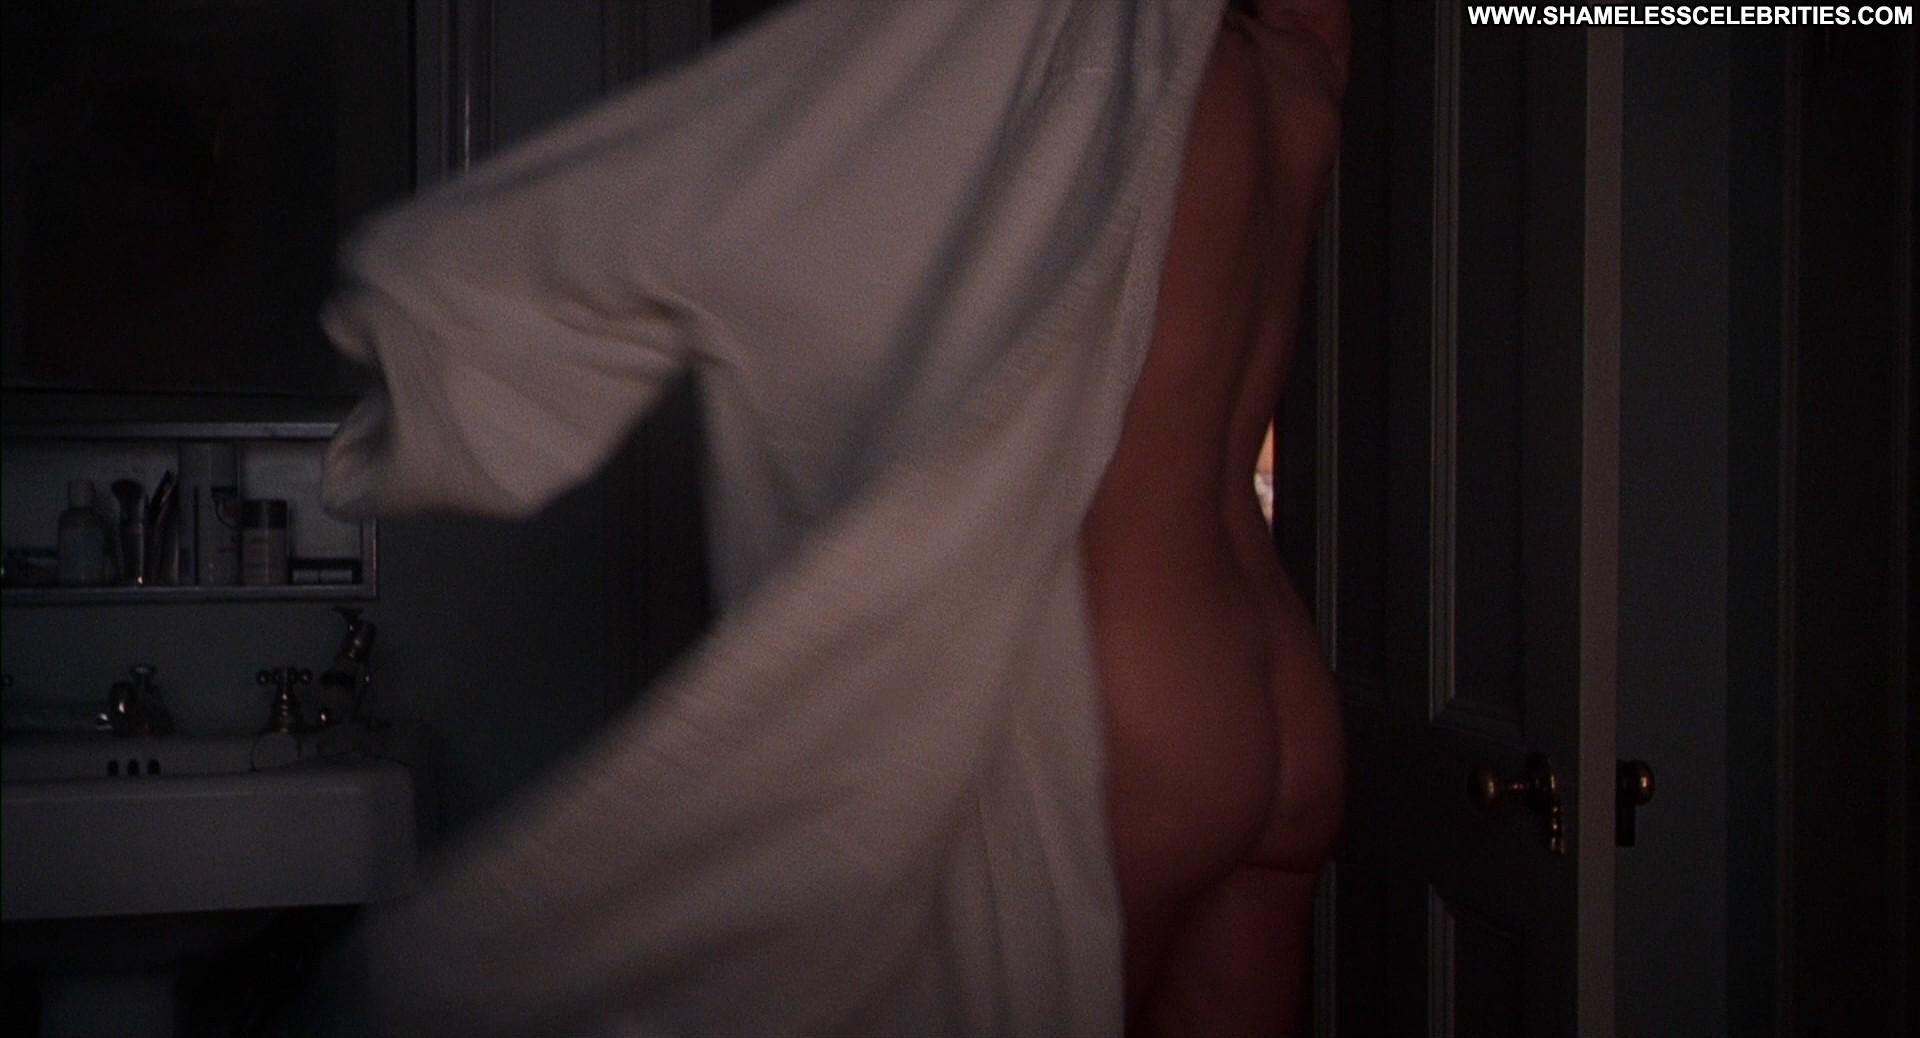 Diane lane unfaithful sex scene